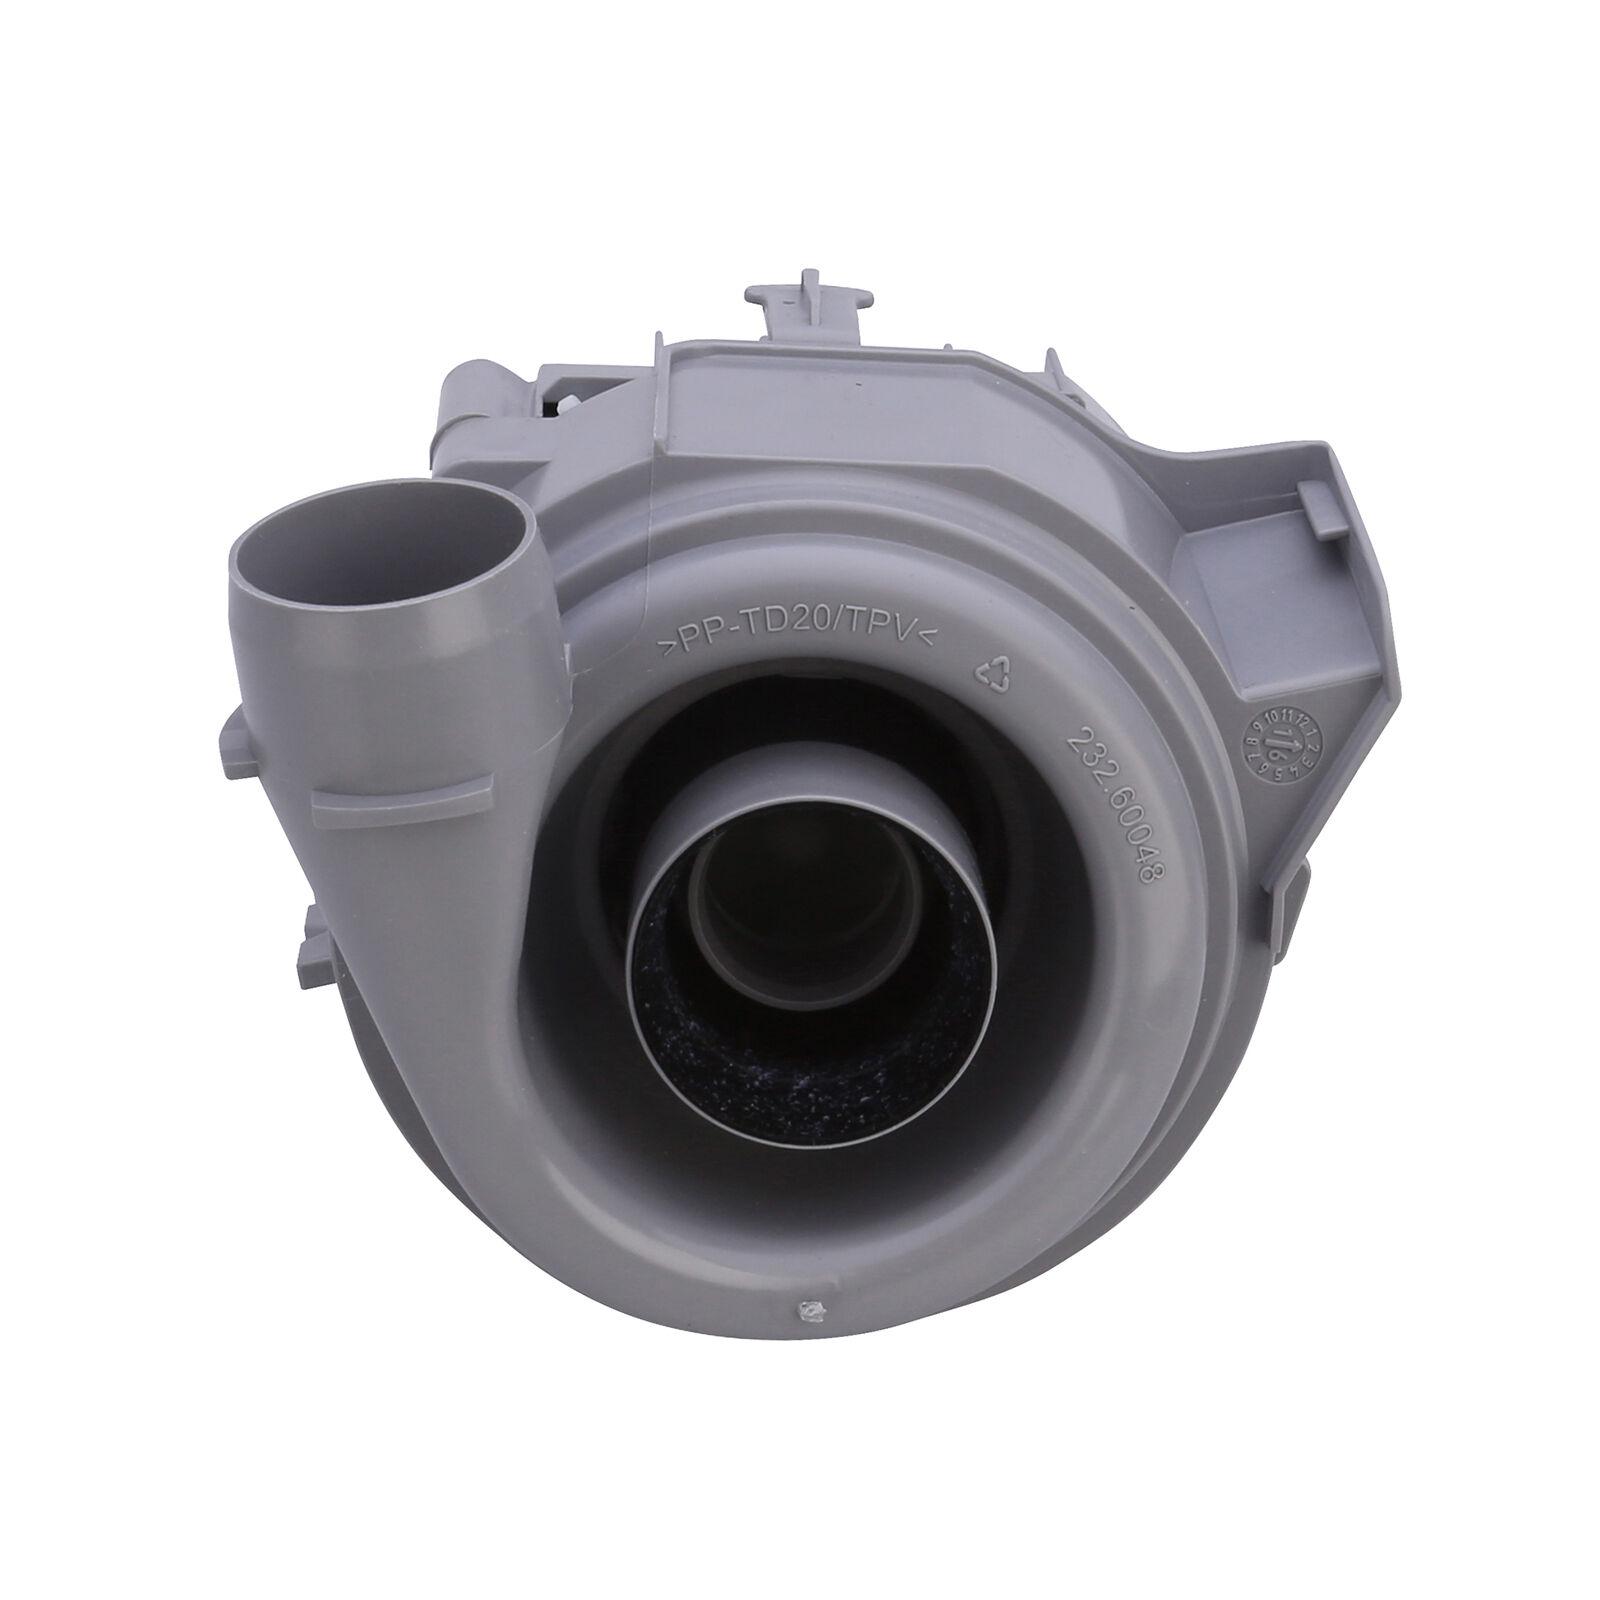 Bosch Neff Siemans Dishwasher Combined Heater Heat Pump